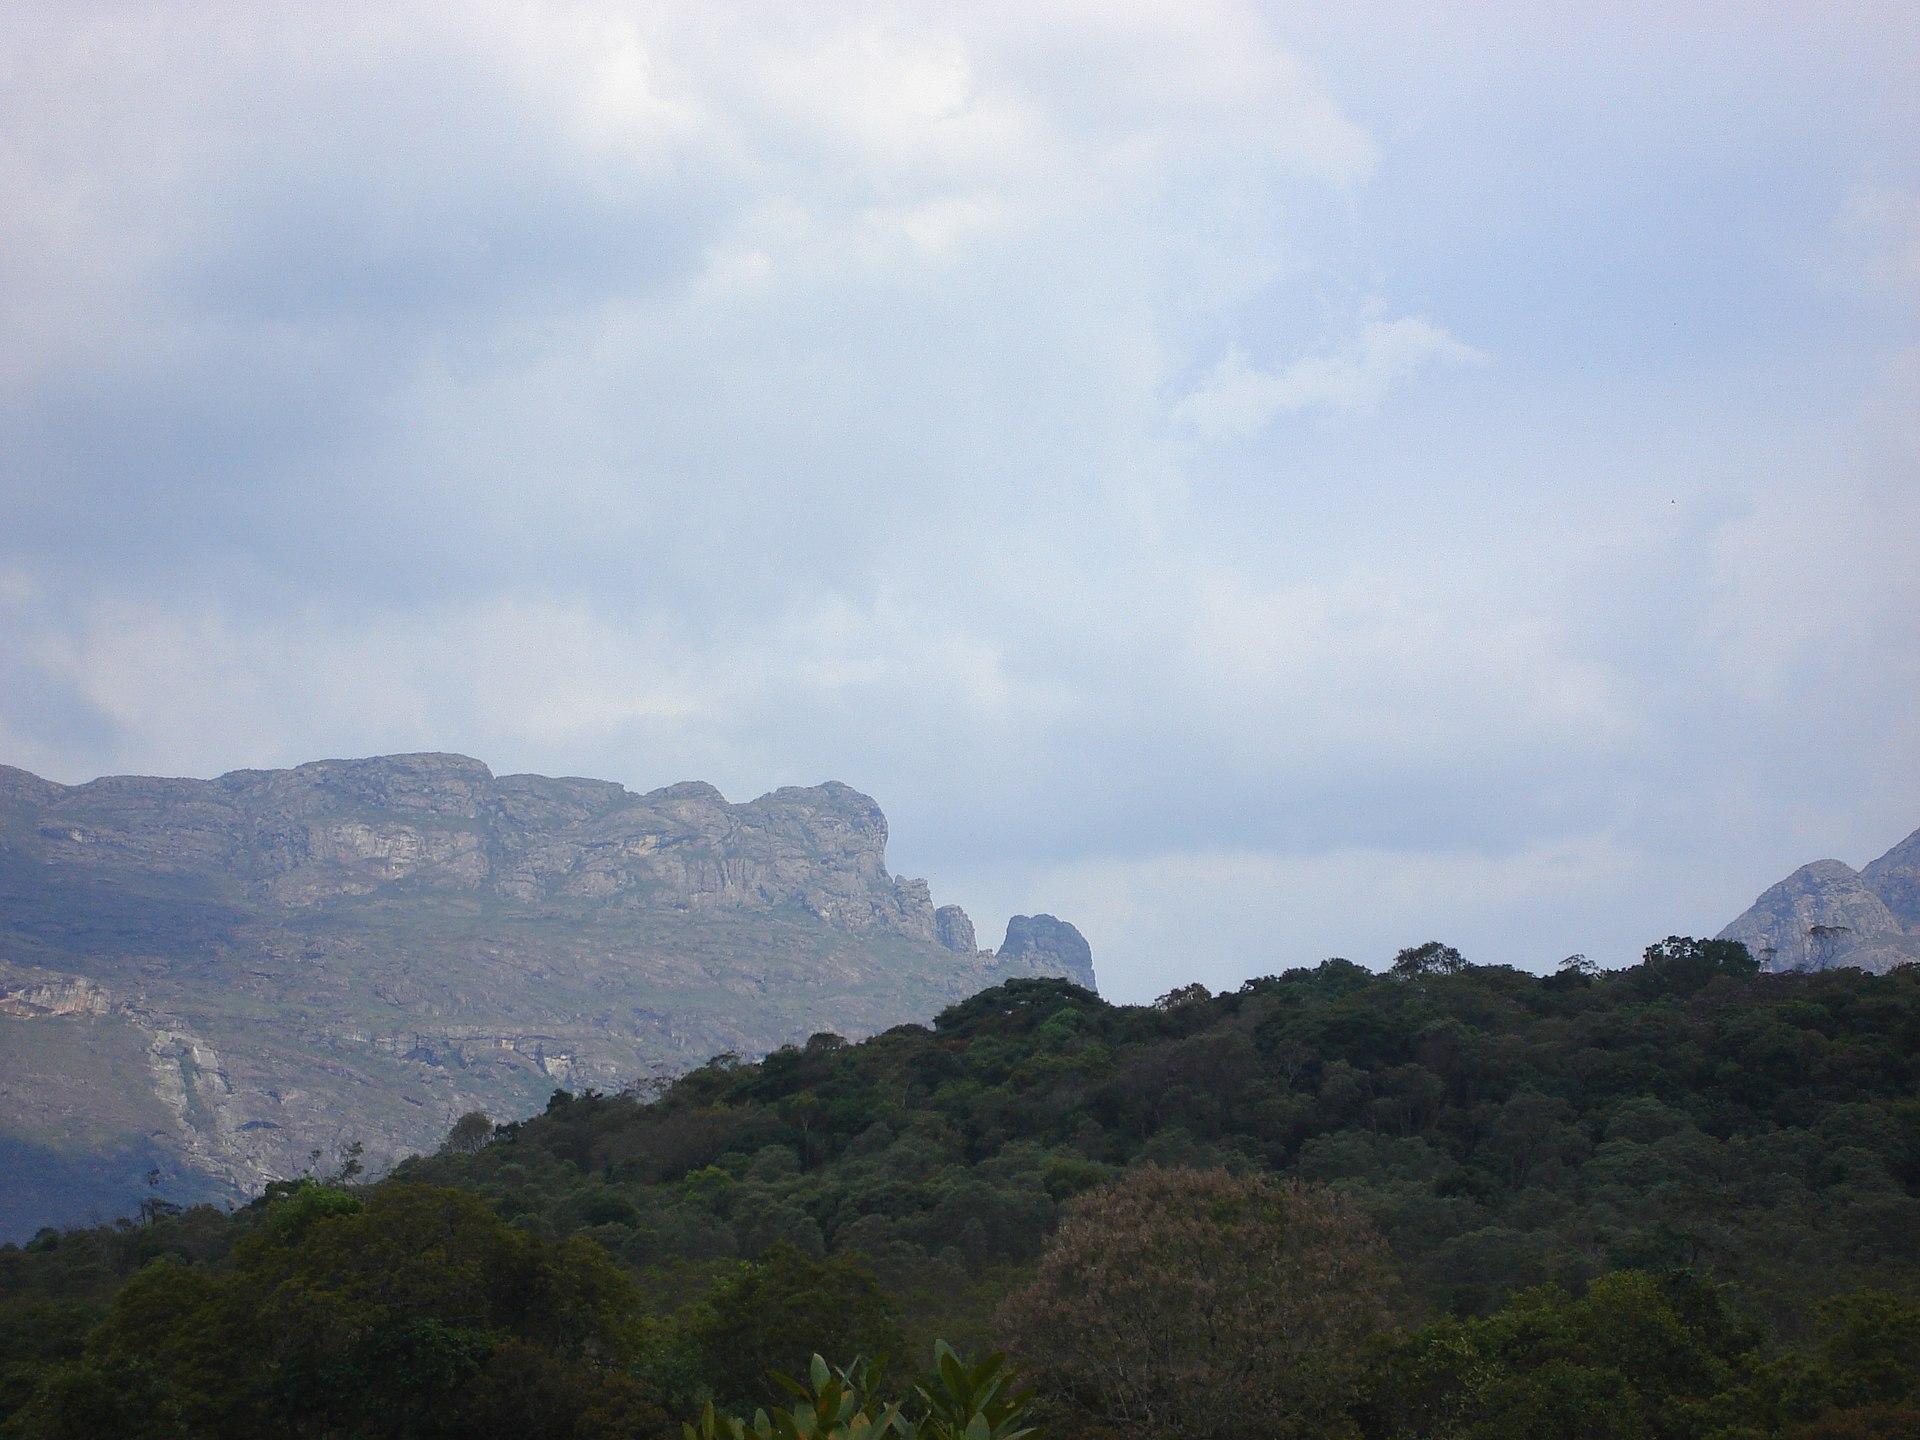 Parco nazionale della serra do gandarela wikipedia for Planimetrie della serra